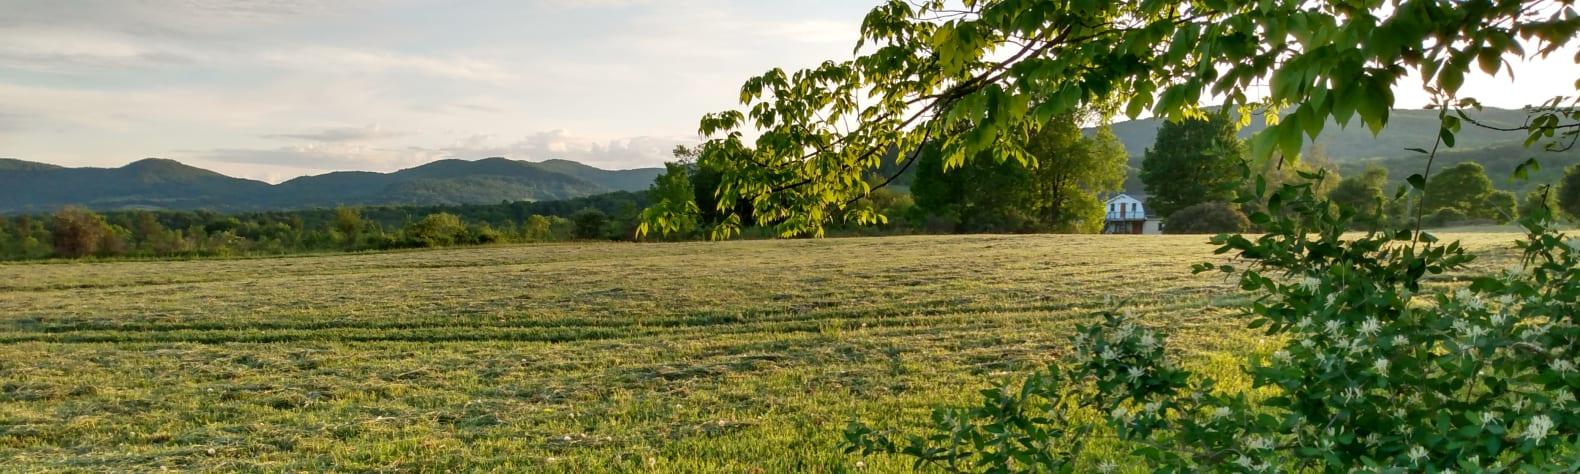 Kimberly D.'s Land